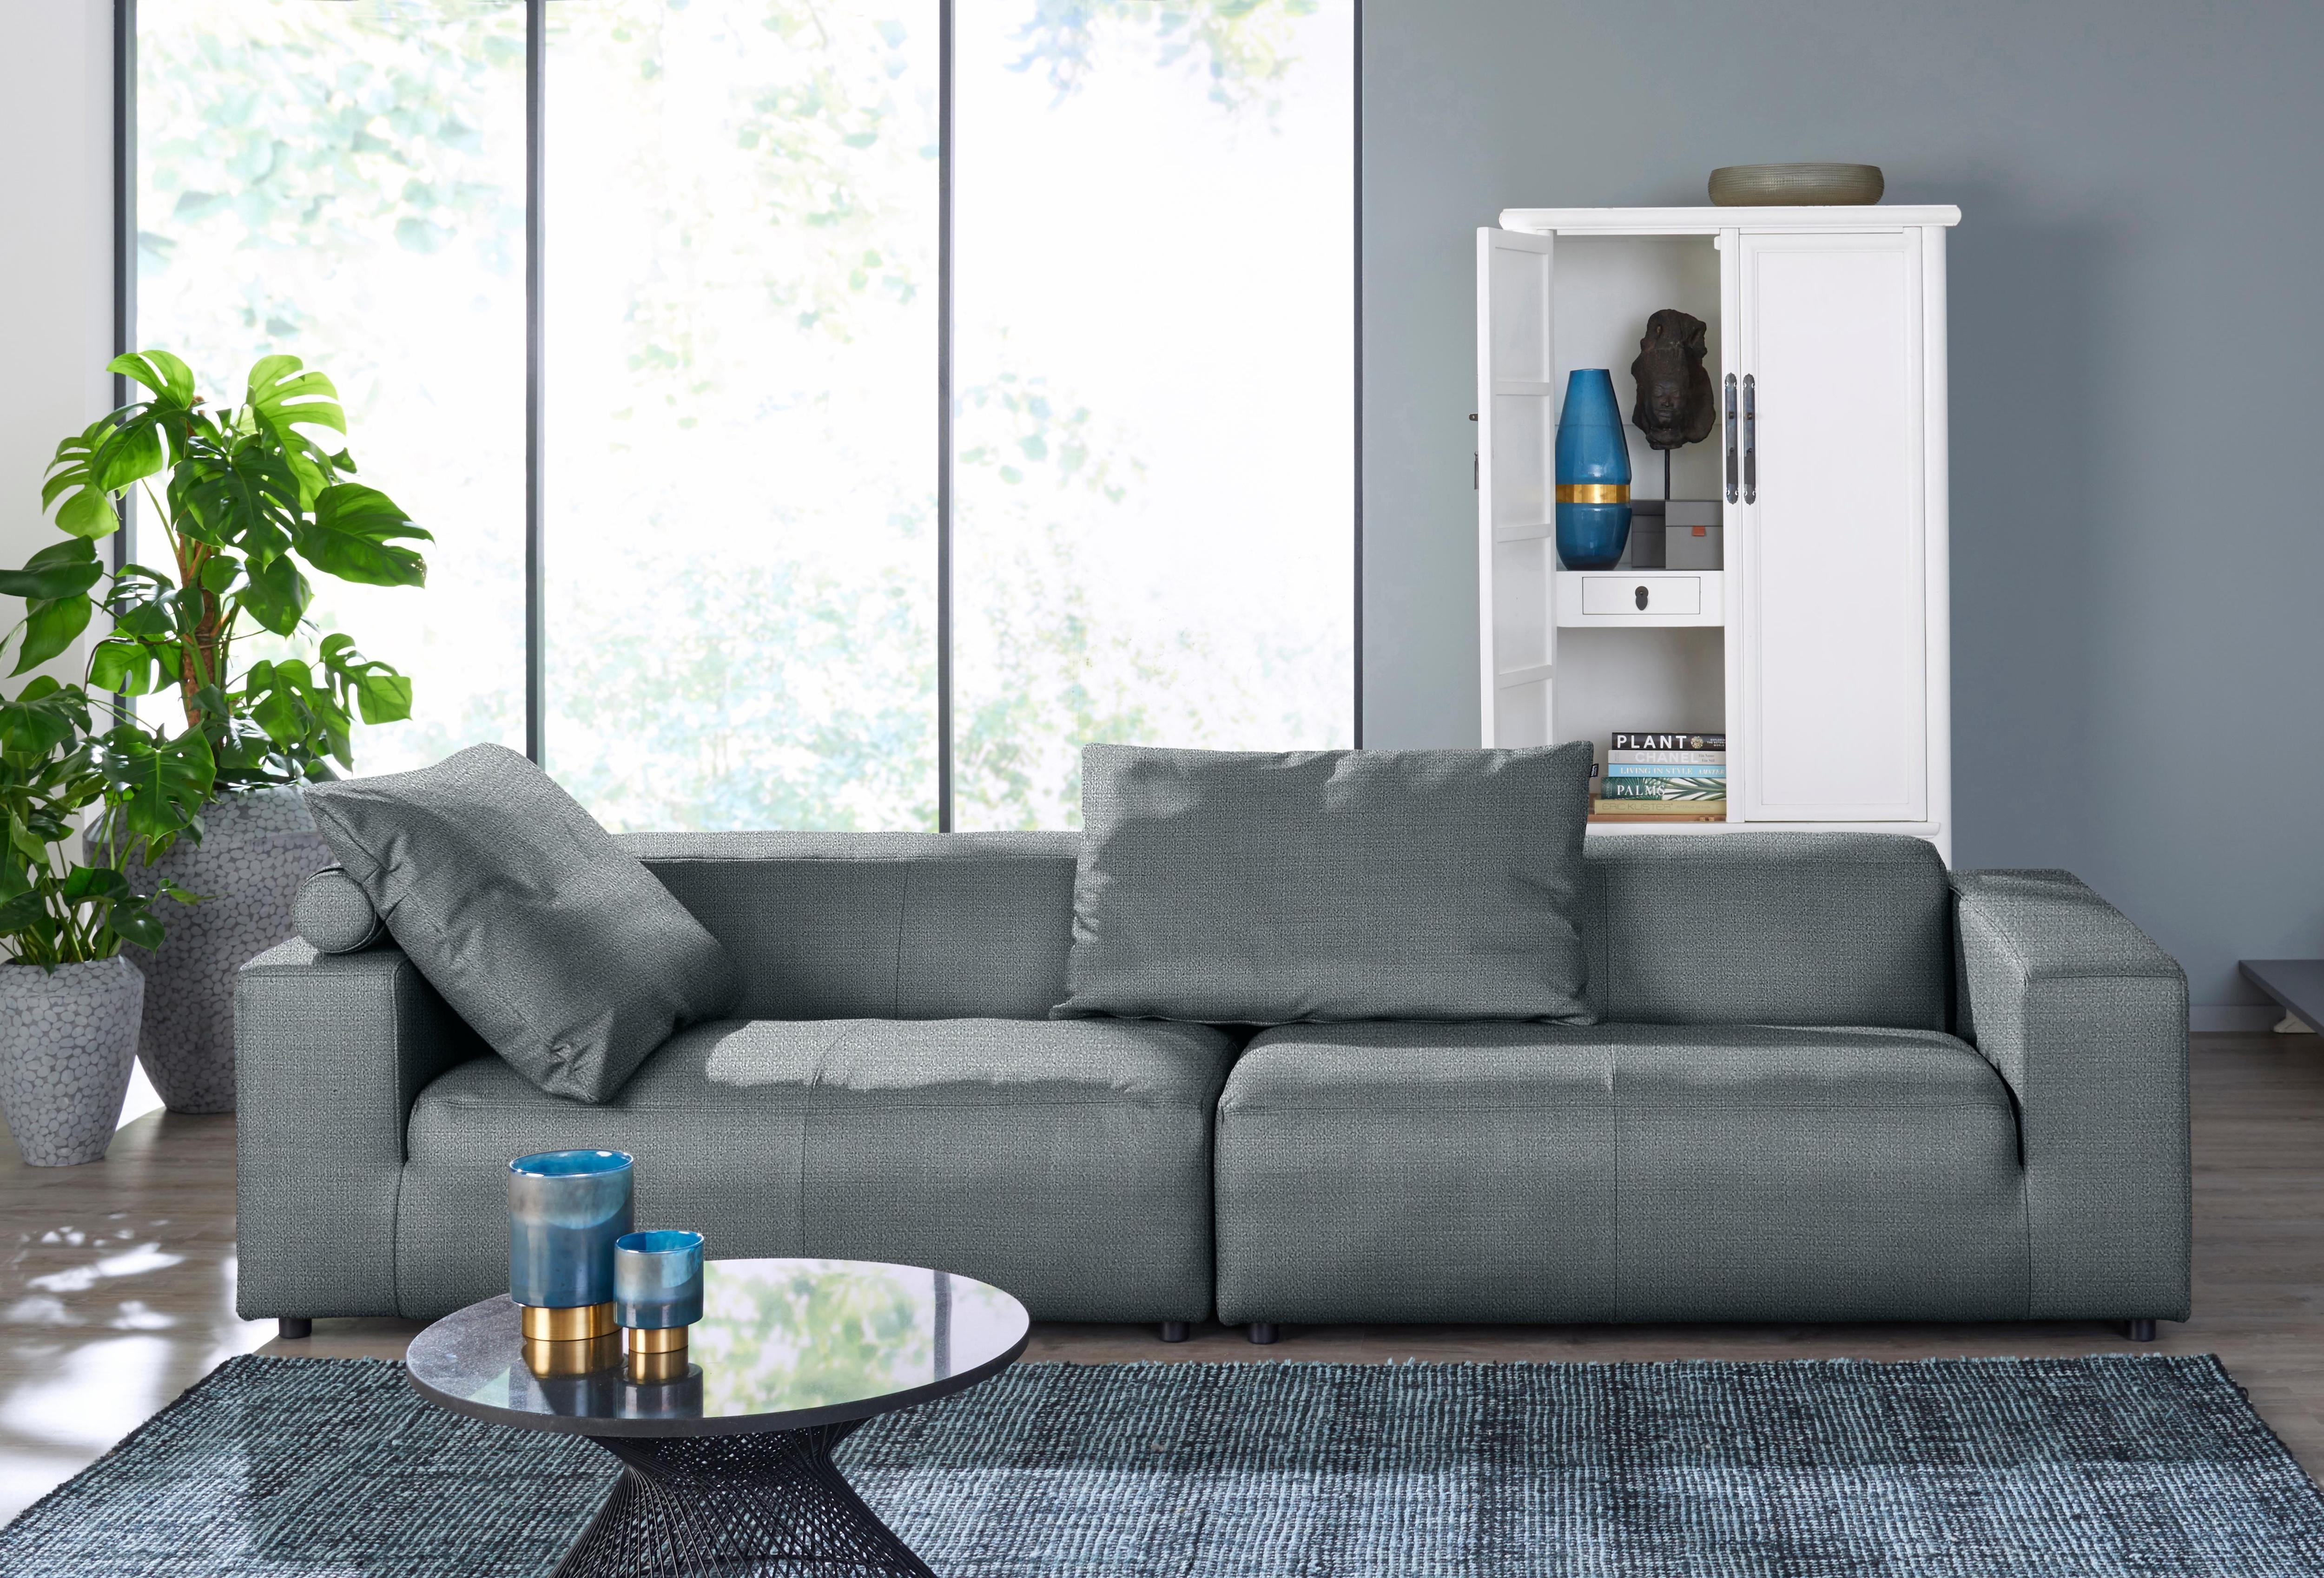 hülsta sofa Big-Sofa 4-Sitzer »hs.432« mit niedrigem Rücken | Wohnzimmer > Sofas & Couches > Bigsofas | Flachgewebe - Polyester - Leder | HÜLSTA SOFA